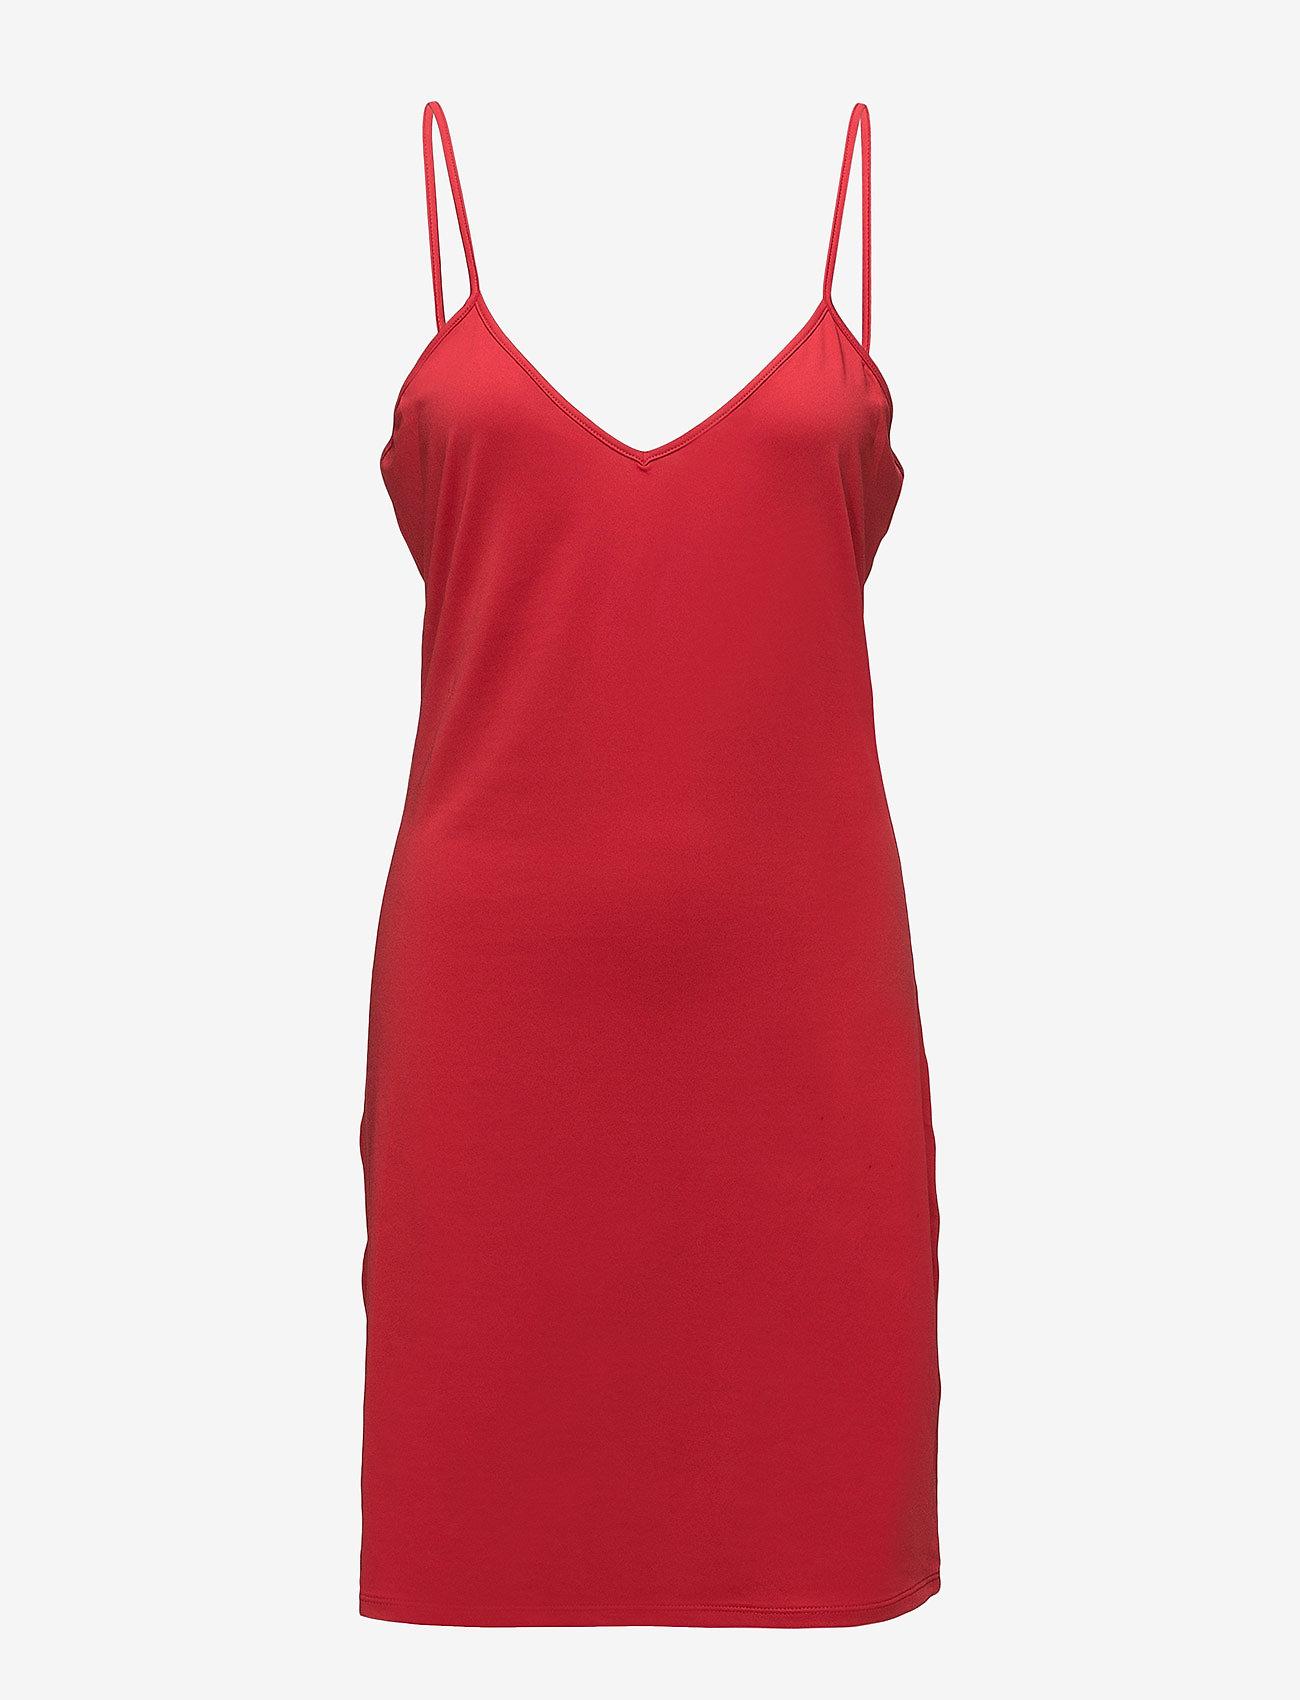 Särskild rabattHarriet Dress Strawberry 1724.50 Notes du Nord Q36gg 7ZZW2